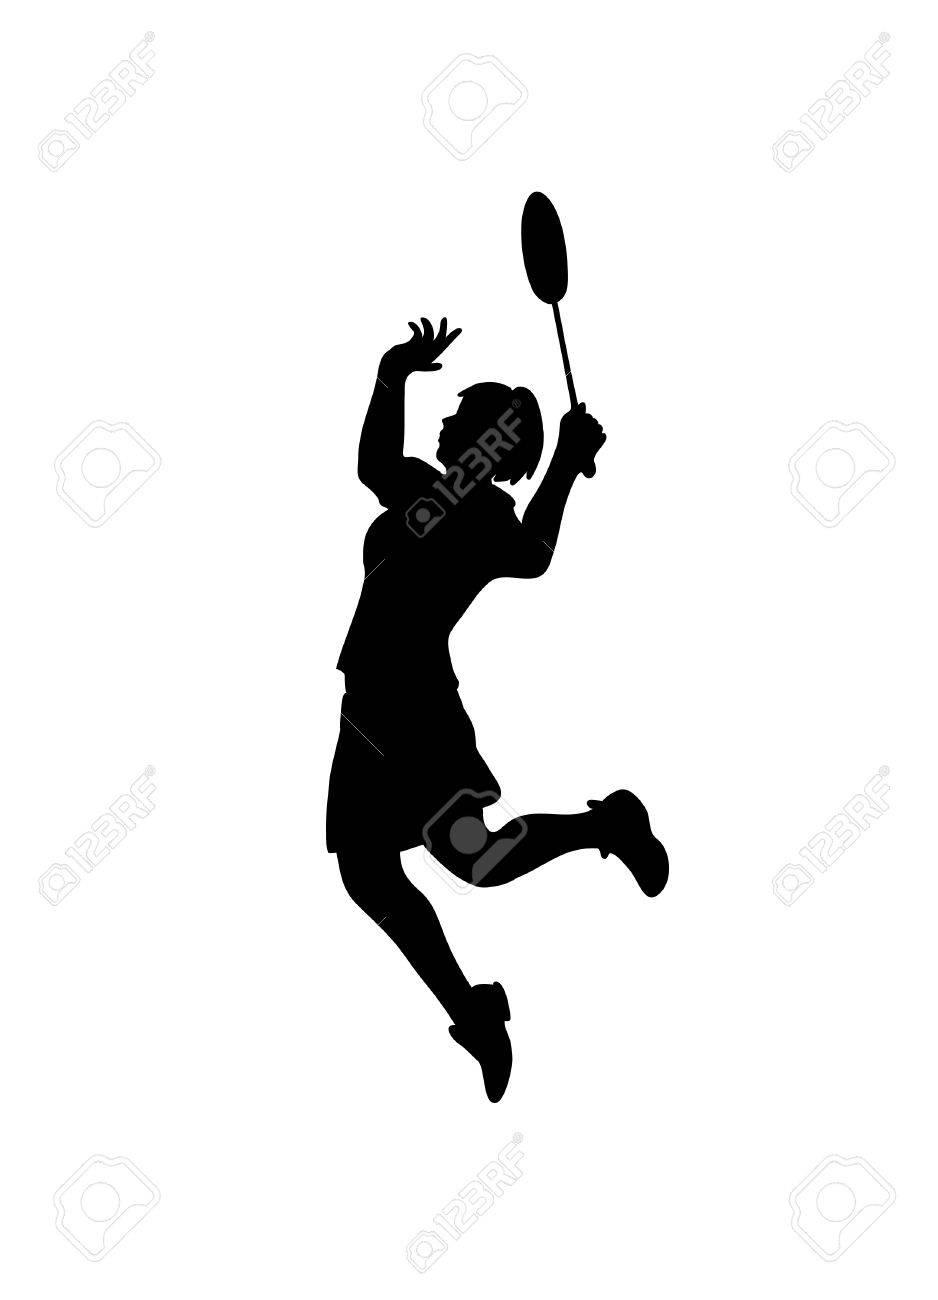 プロの女性バドミントン選手のシルエット ベクトル図のイラスト素材 ベクタ Image 4795